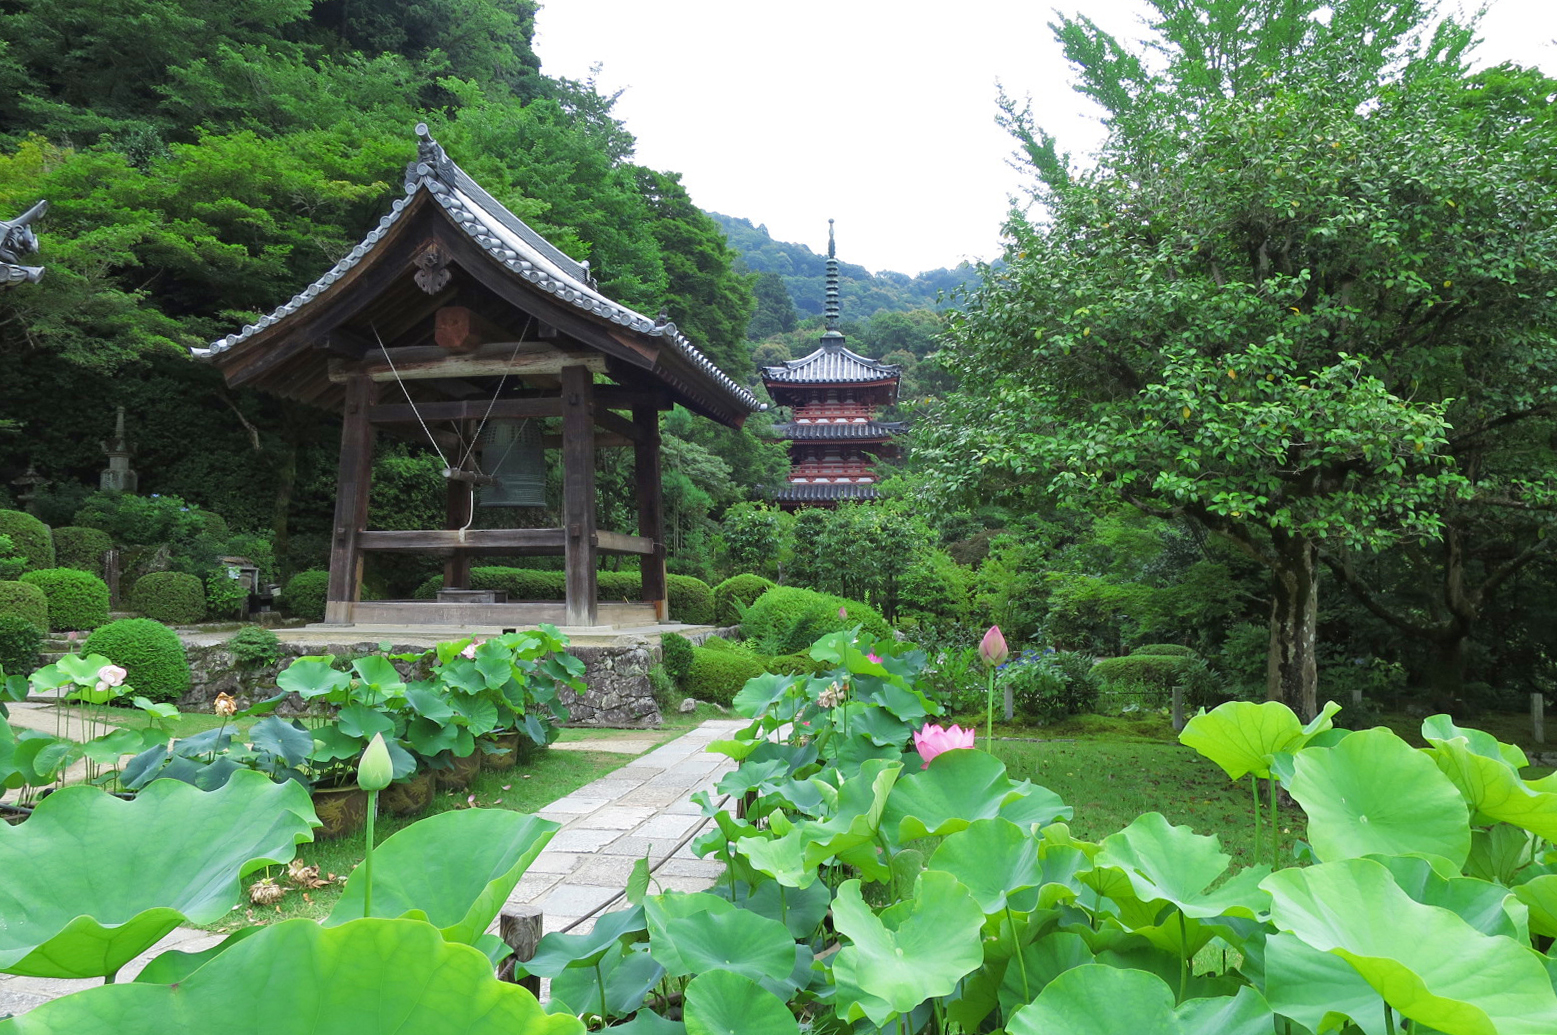 奥に見える三重塔は、元は兵庫県の高蔵寺にあったものを三室戸寺が買い取って移されたものです。